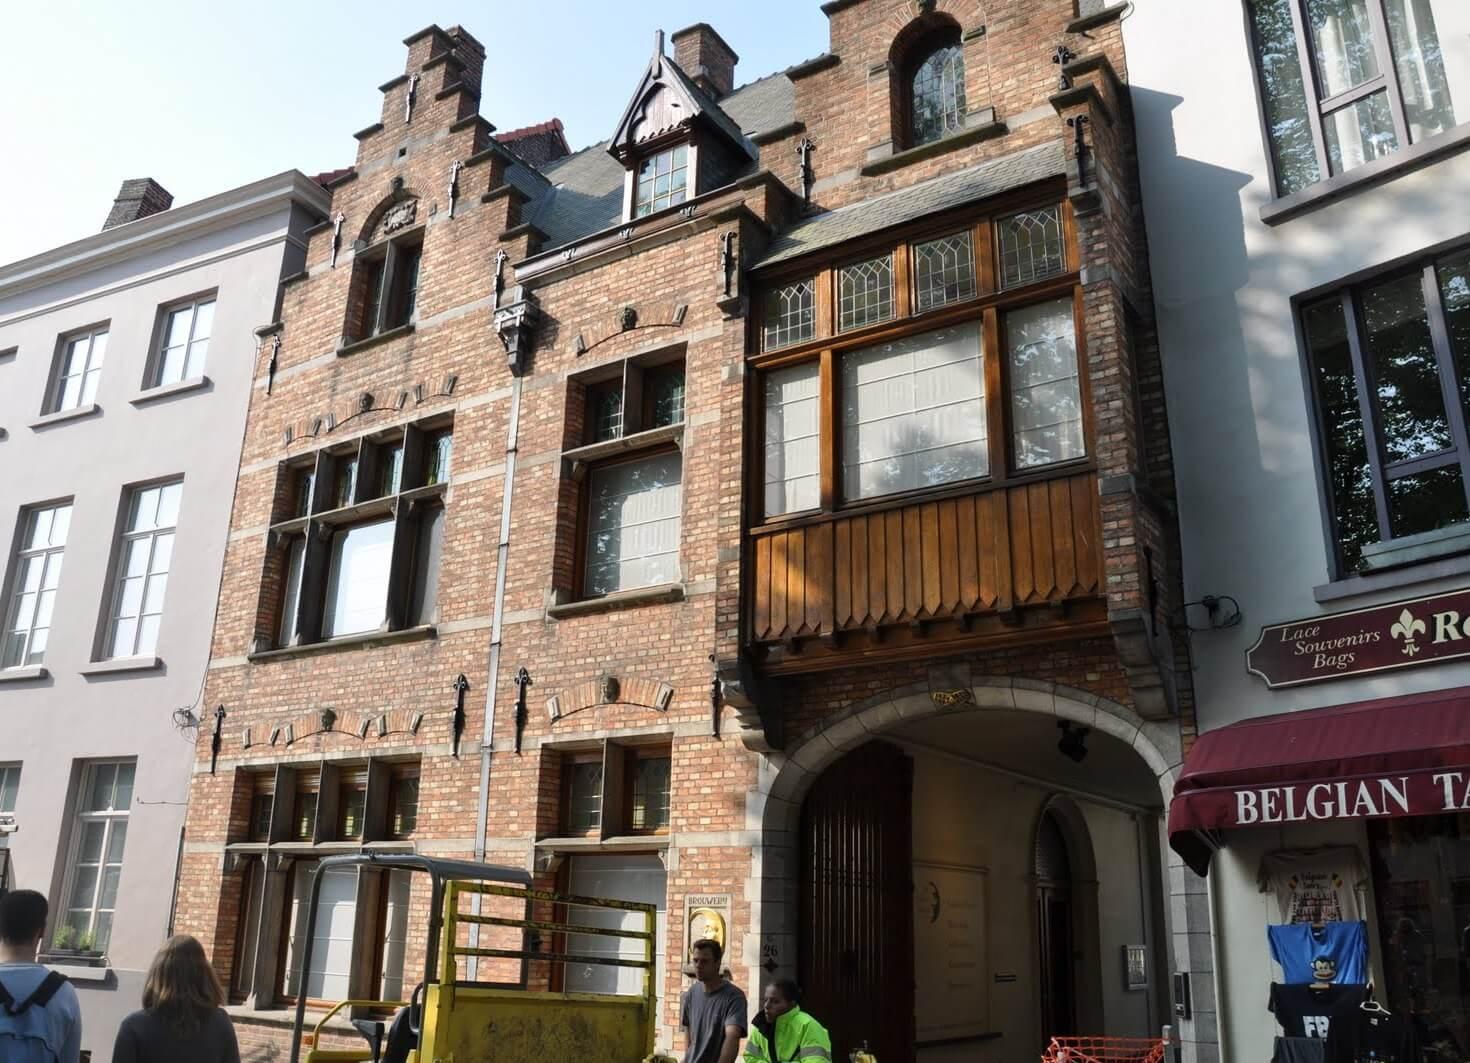 Здание музея пивоварения De Halve Maan Brewery в Брюгге